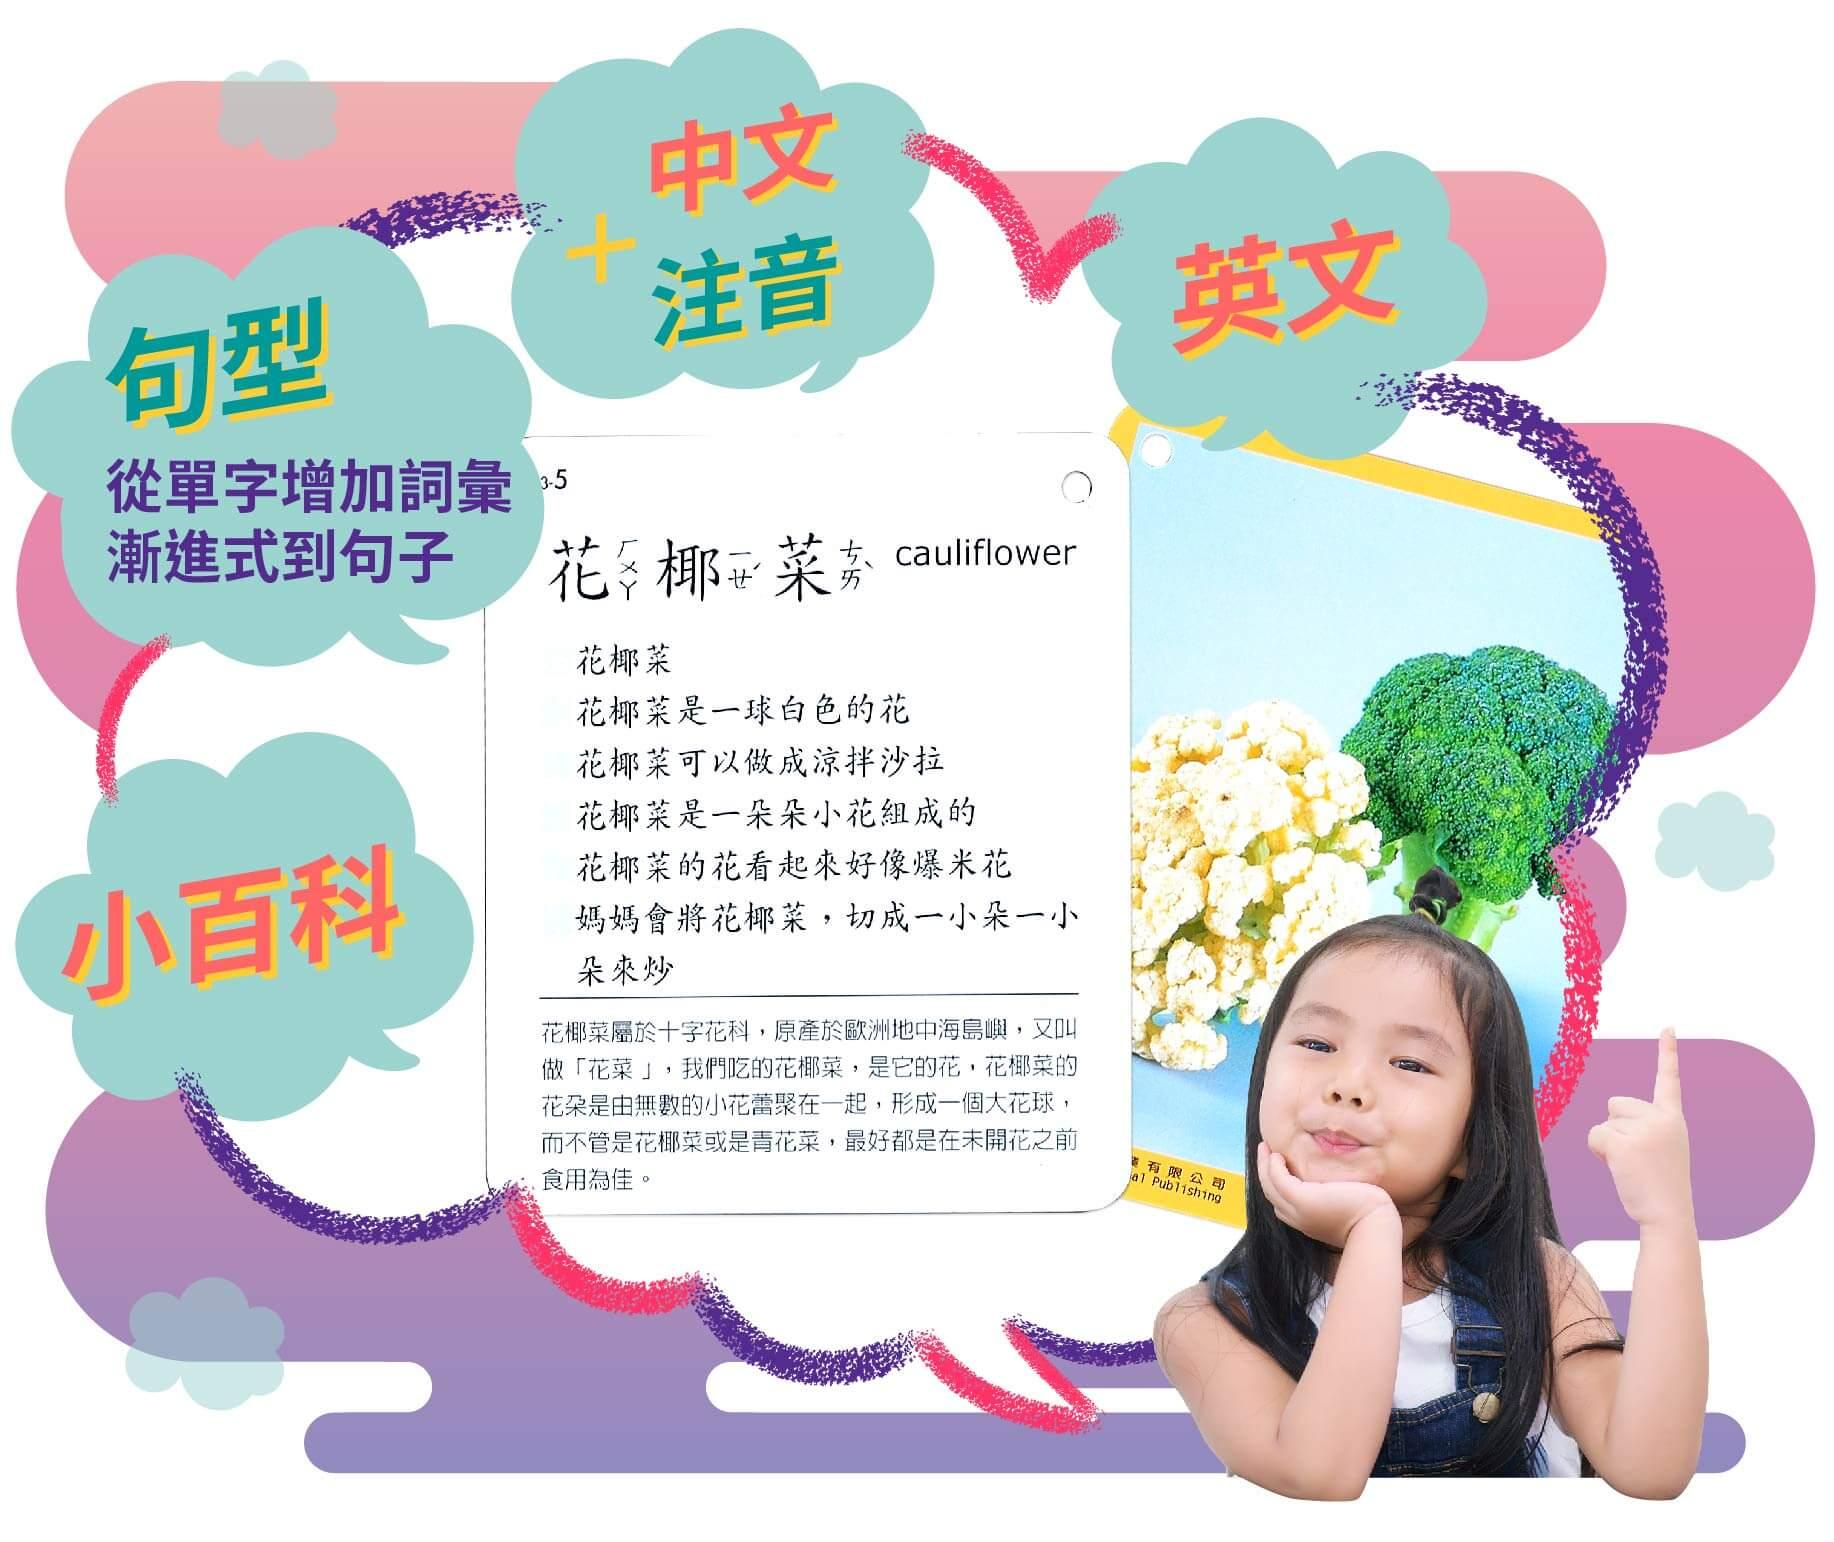 圖卡讀卡,孩子開口說句子,從單字增加詞彙漸進式到句子,